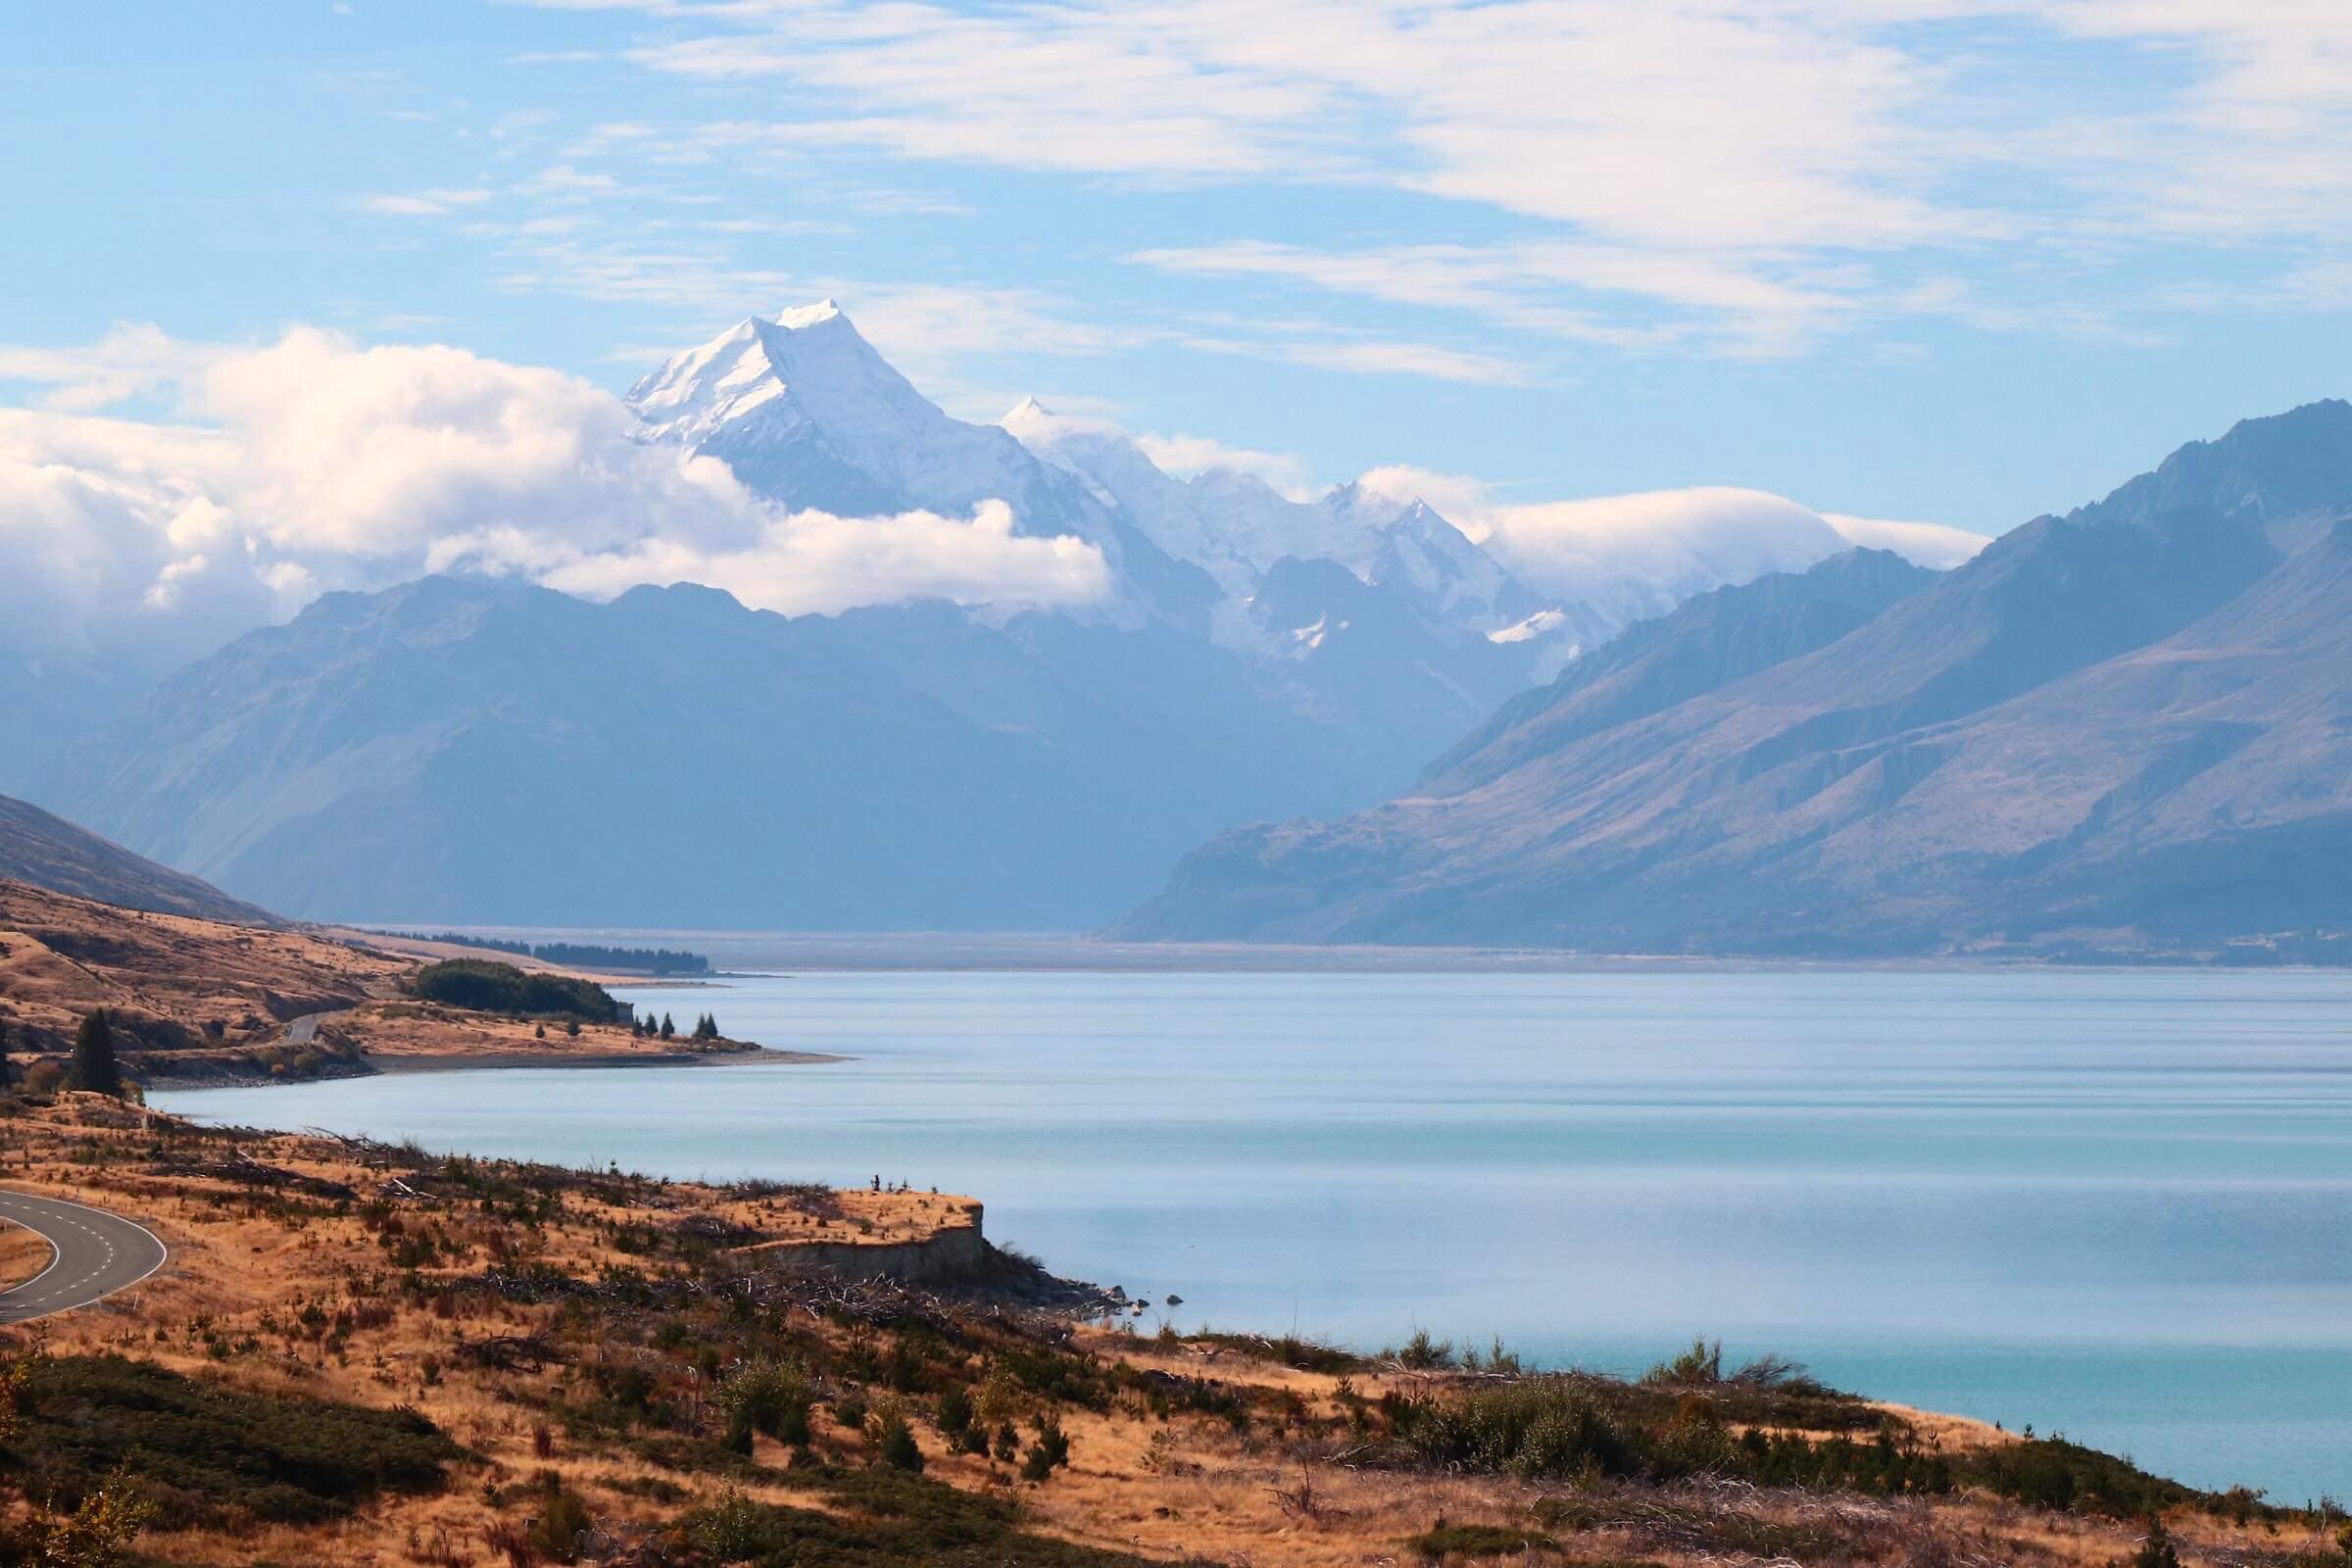 WH Nový Zéland - co vše je potřeba po příletu zařídit